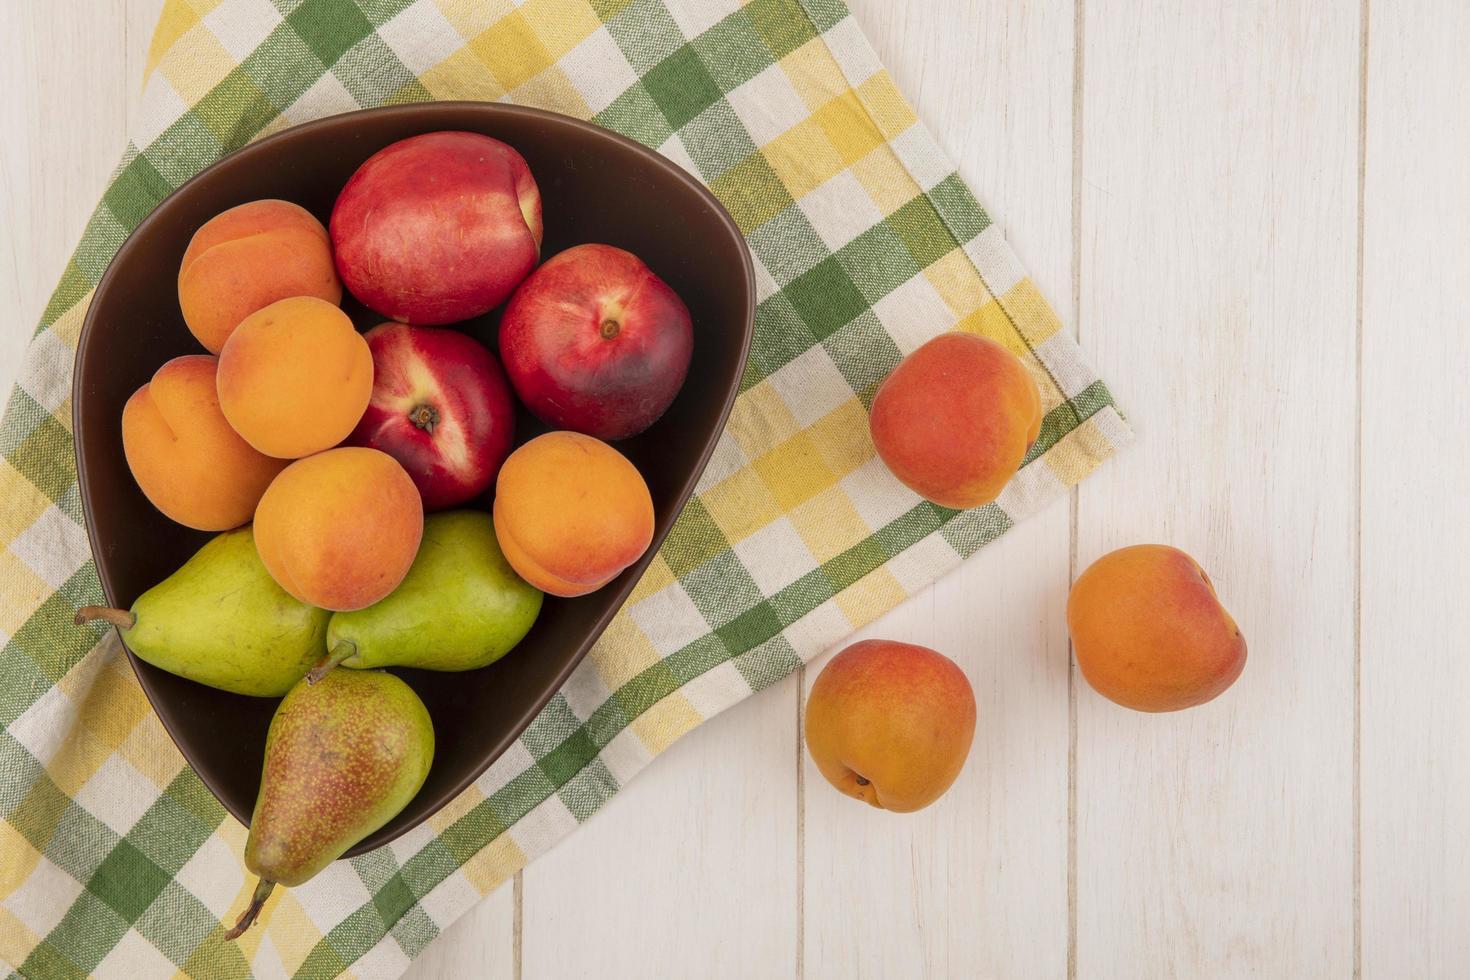 geassorteerde fruit op neutrale achtergrond met geruite doek foto